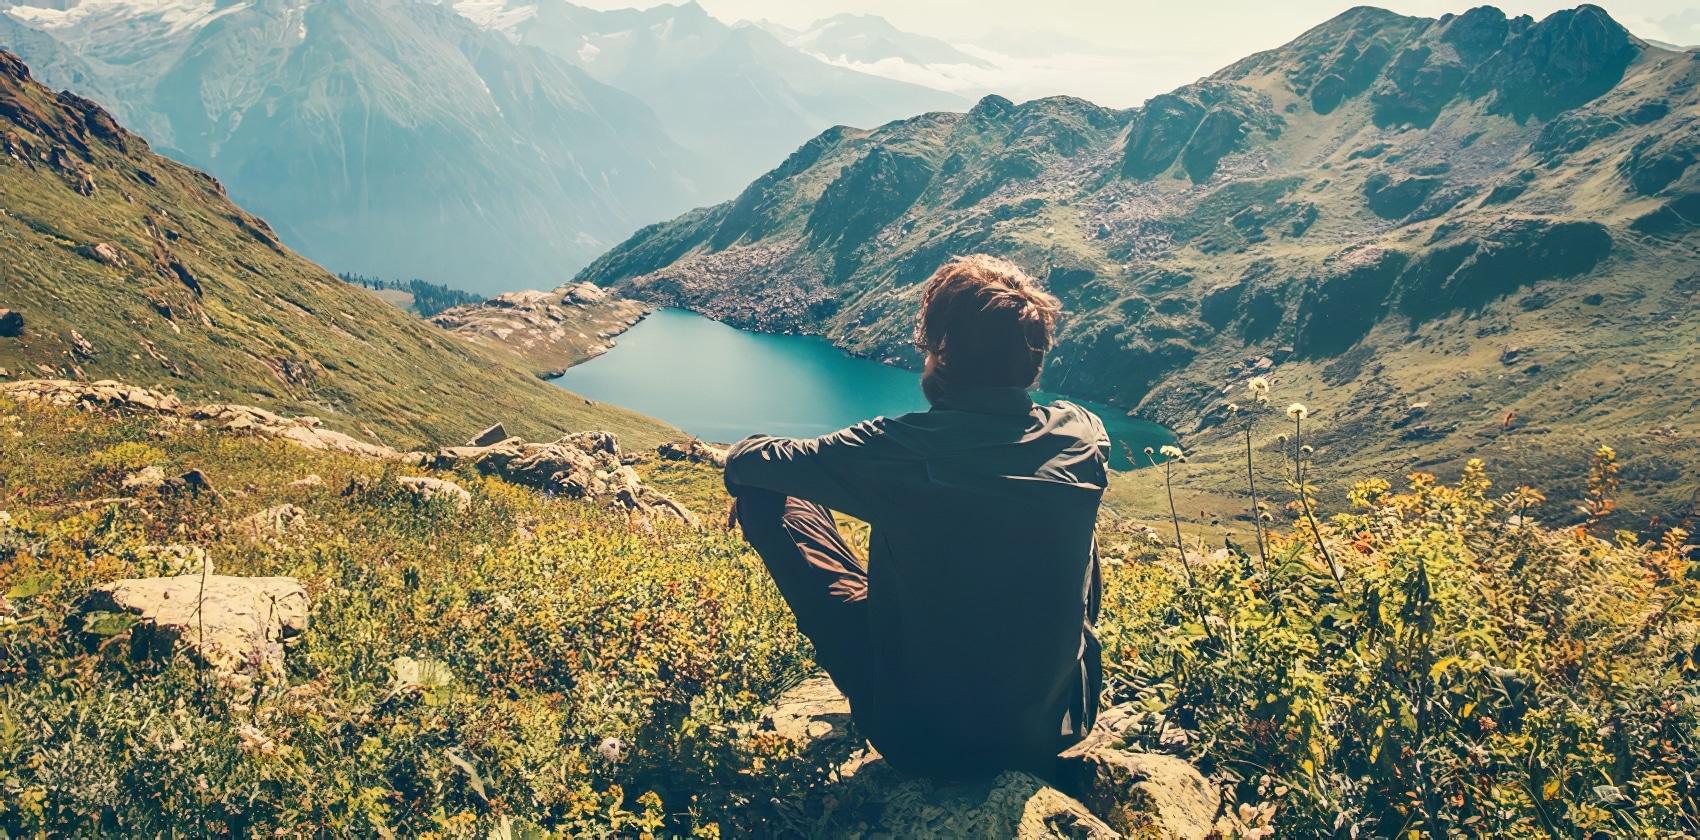 Les 8 meilleures destinations pour un voyage en solitaire